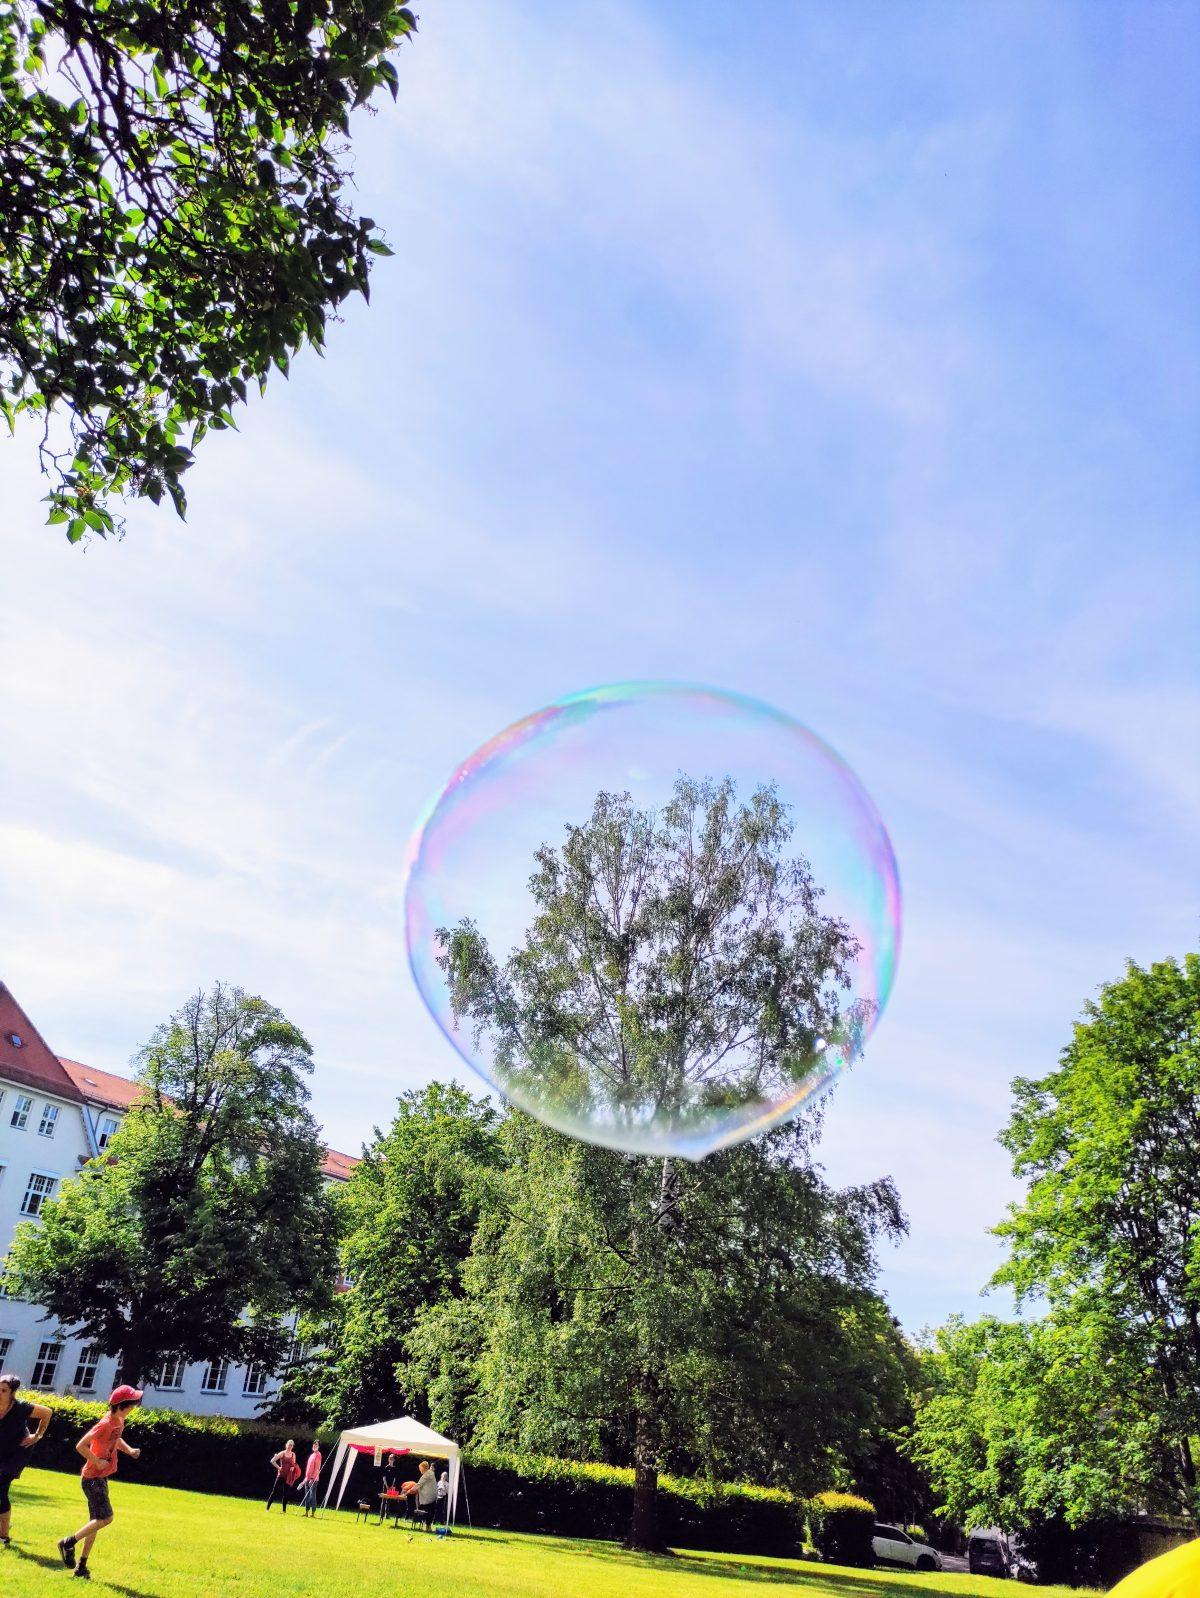 Riesenseifenblase